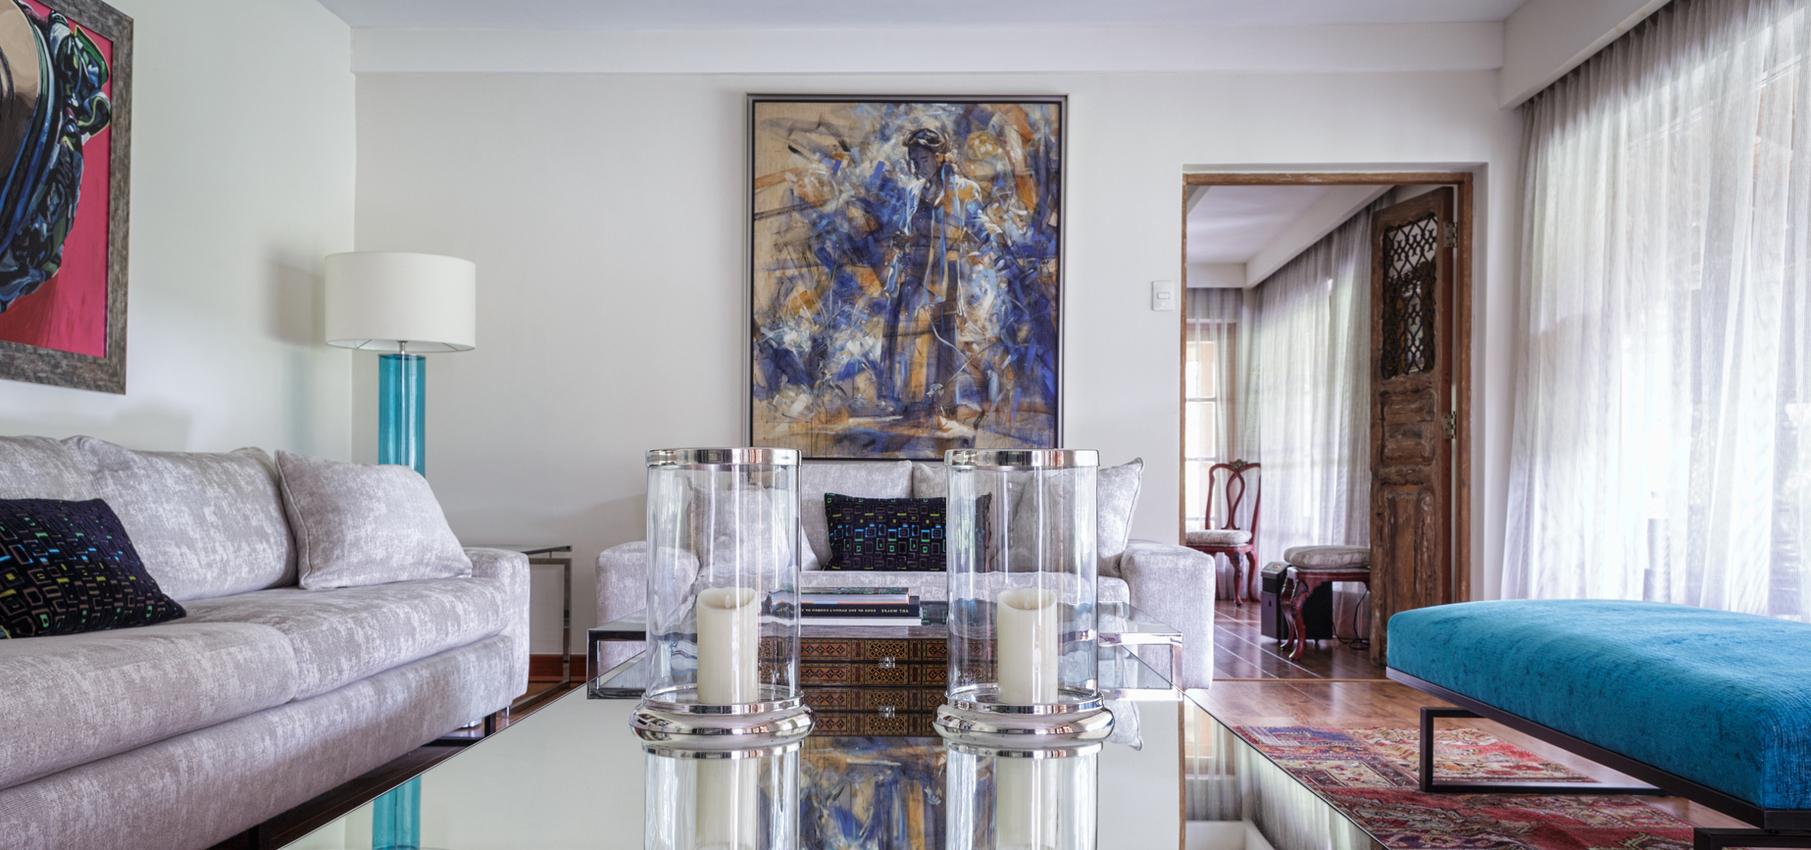 Mesas De Diseño De Cristal Kvdd Roomlab Gran Mesa De Centro Con Cubierta De Espejo En Living Con